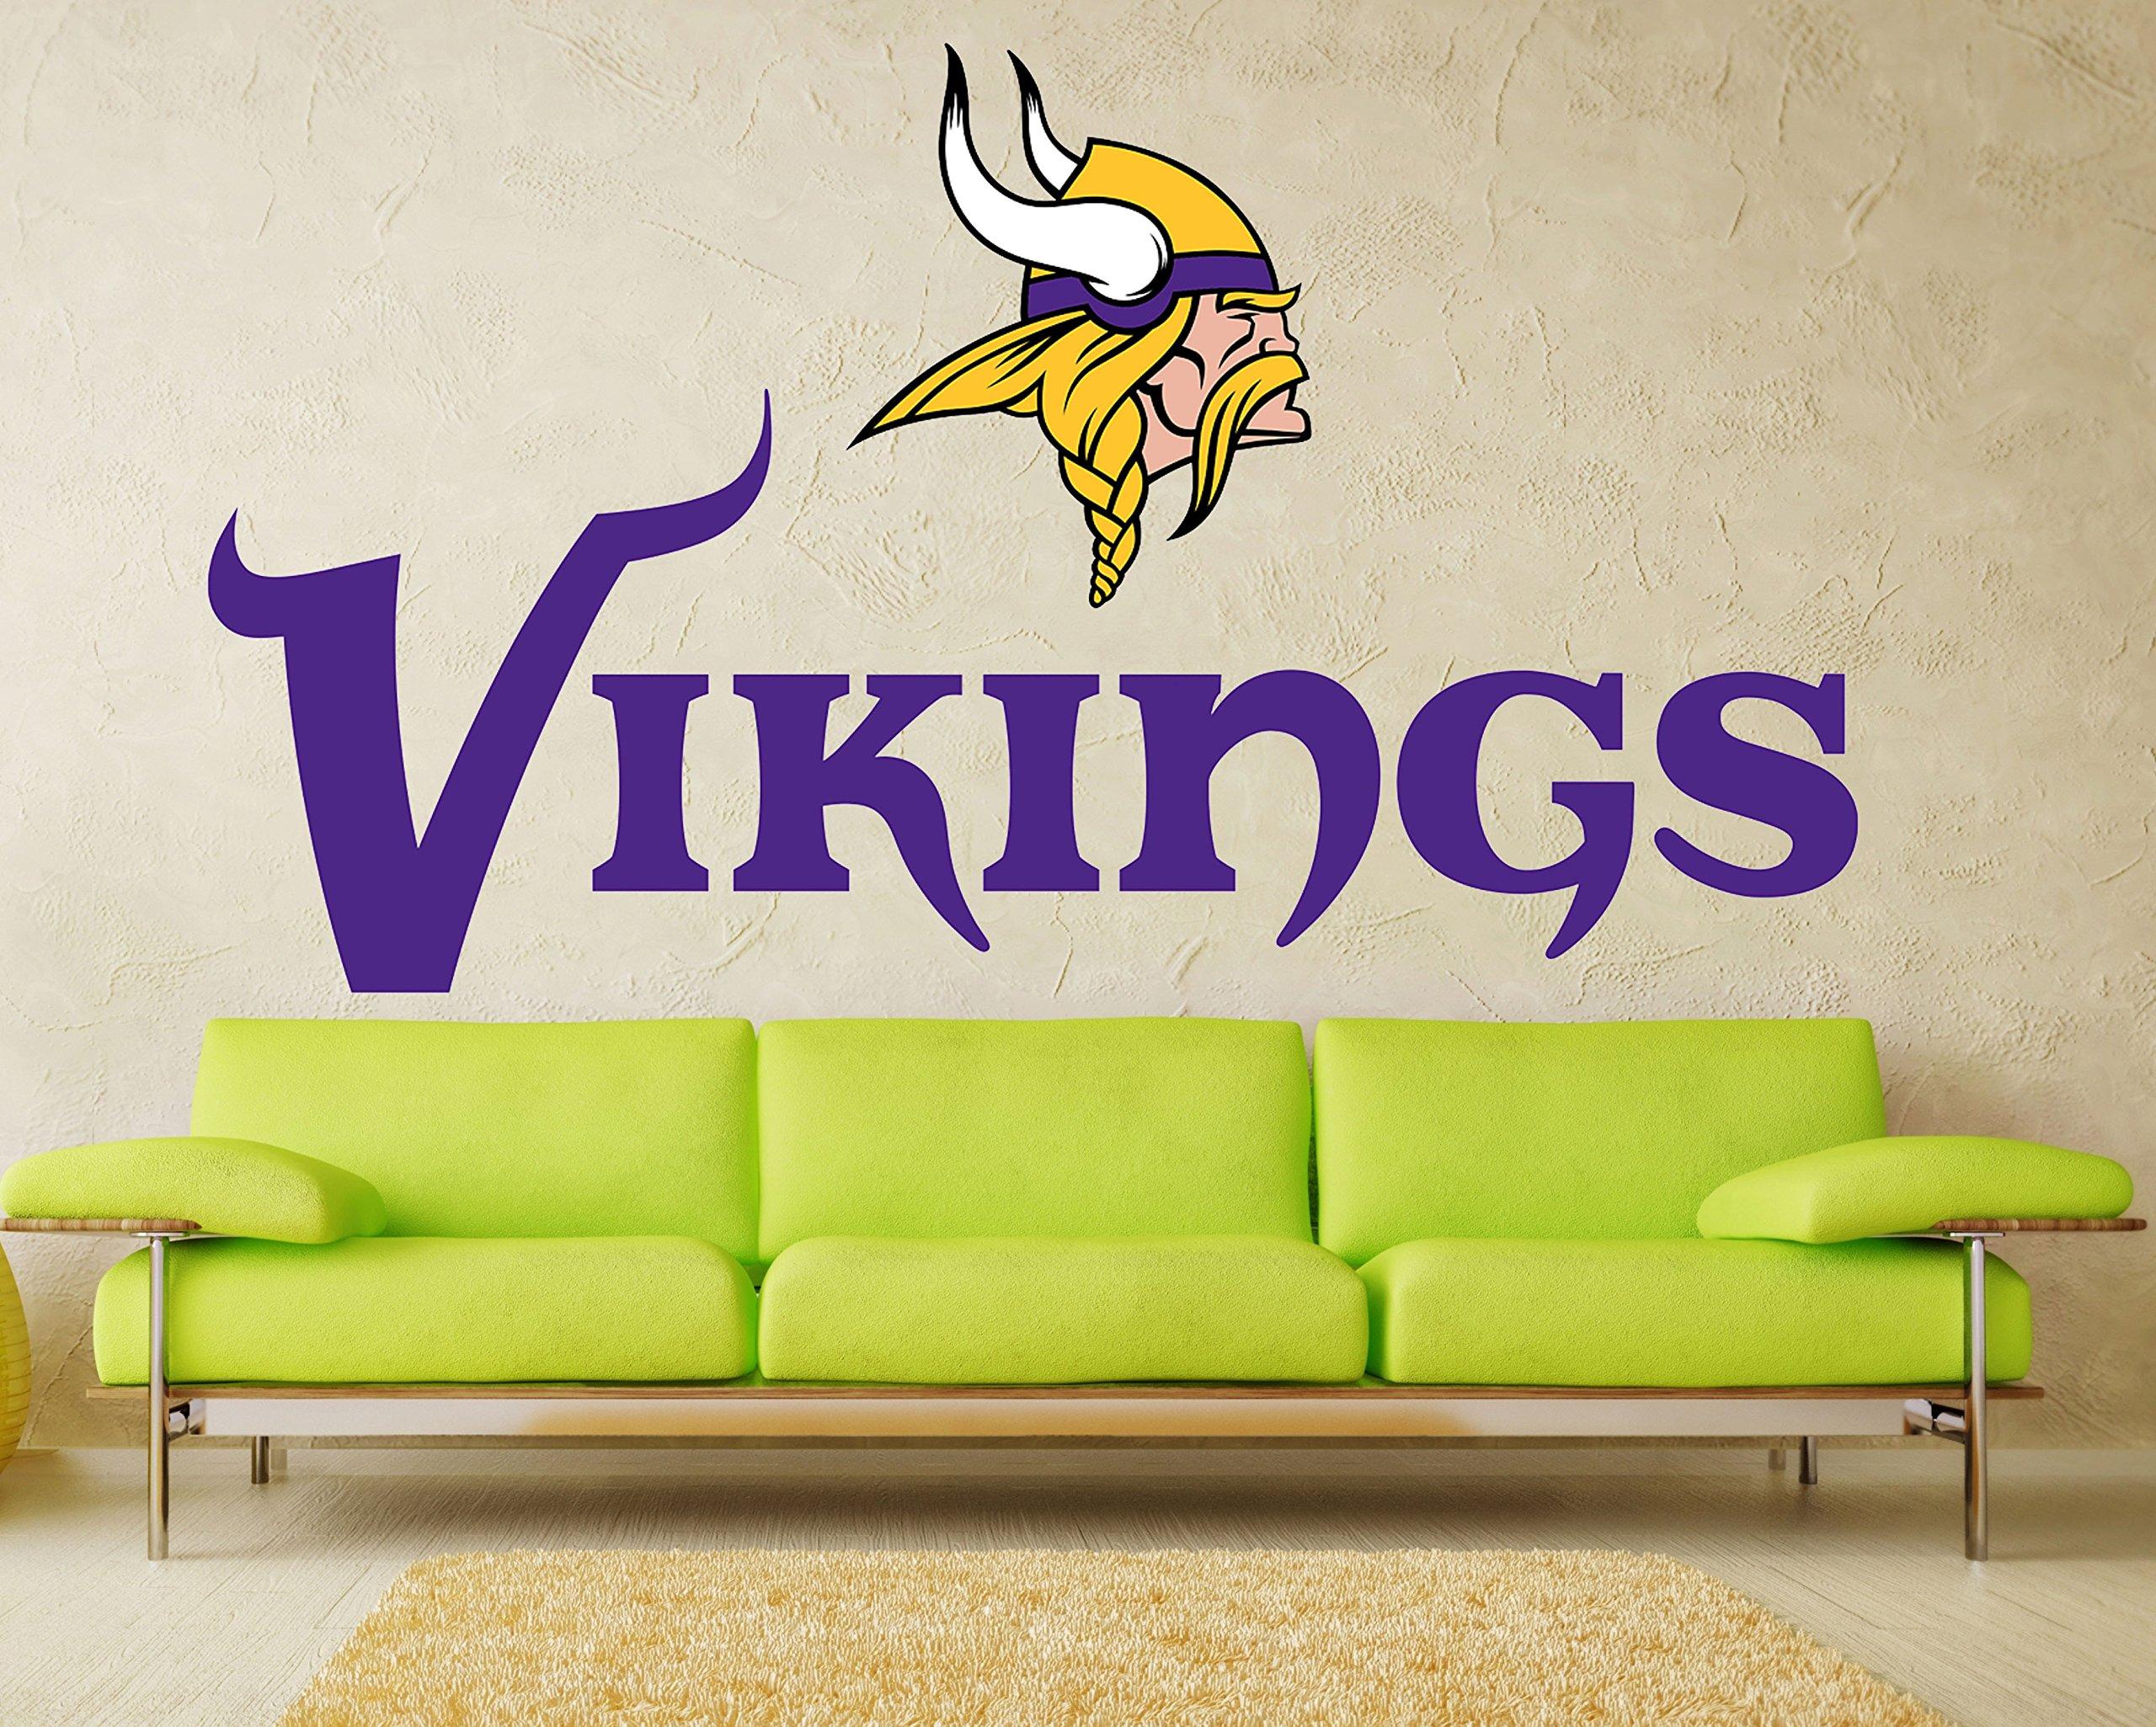 Minnesota Vikings sticker, Minnesota Vikings decal, Vikings decal, Vikings sticker, Minnesota Vikings home decor, Minnesota, Vikings bumper sticker, Vikings NFL sticker, vmb01 (30x60) by stickalz